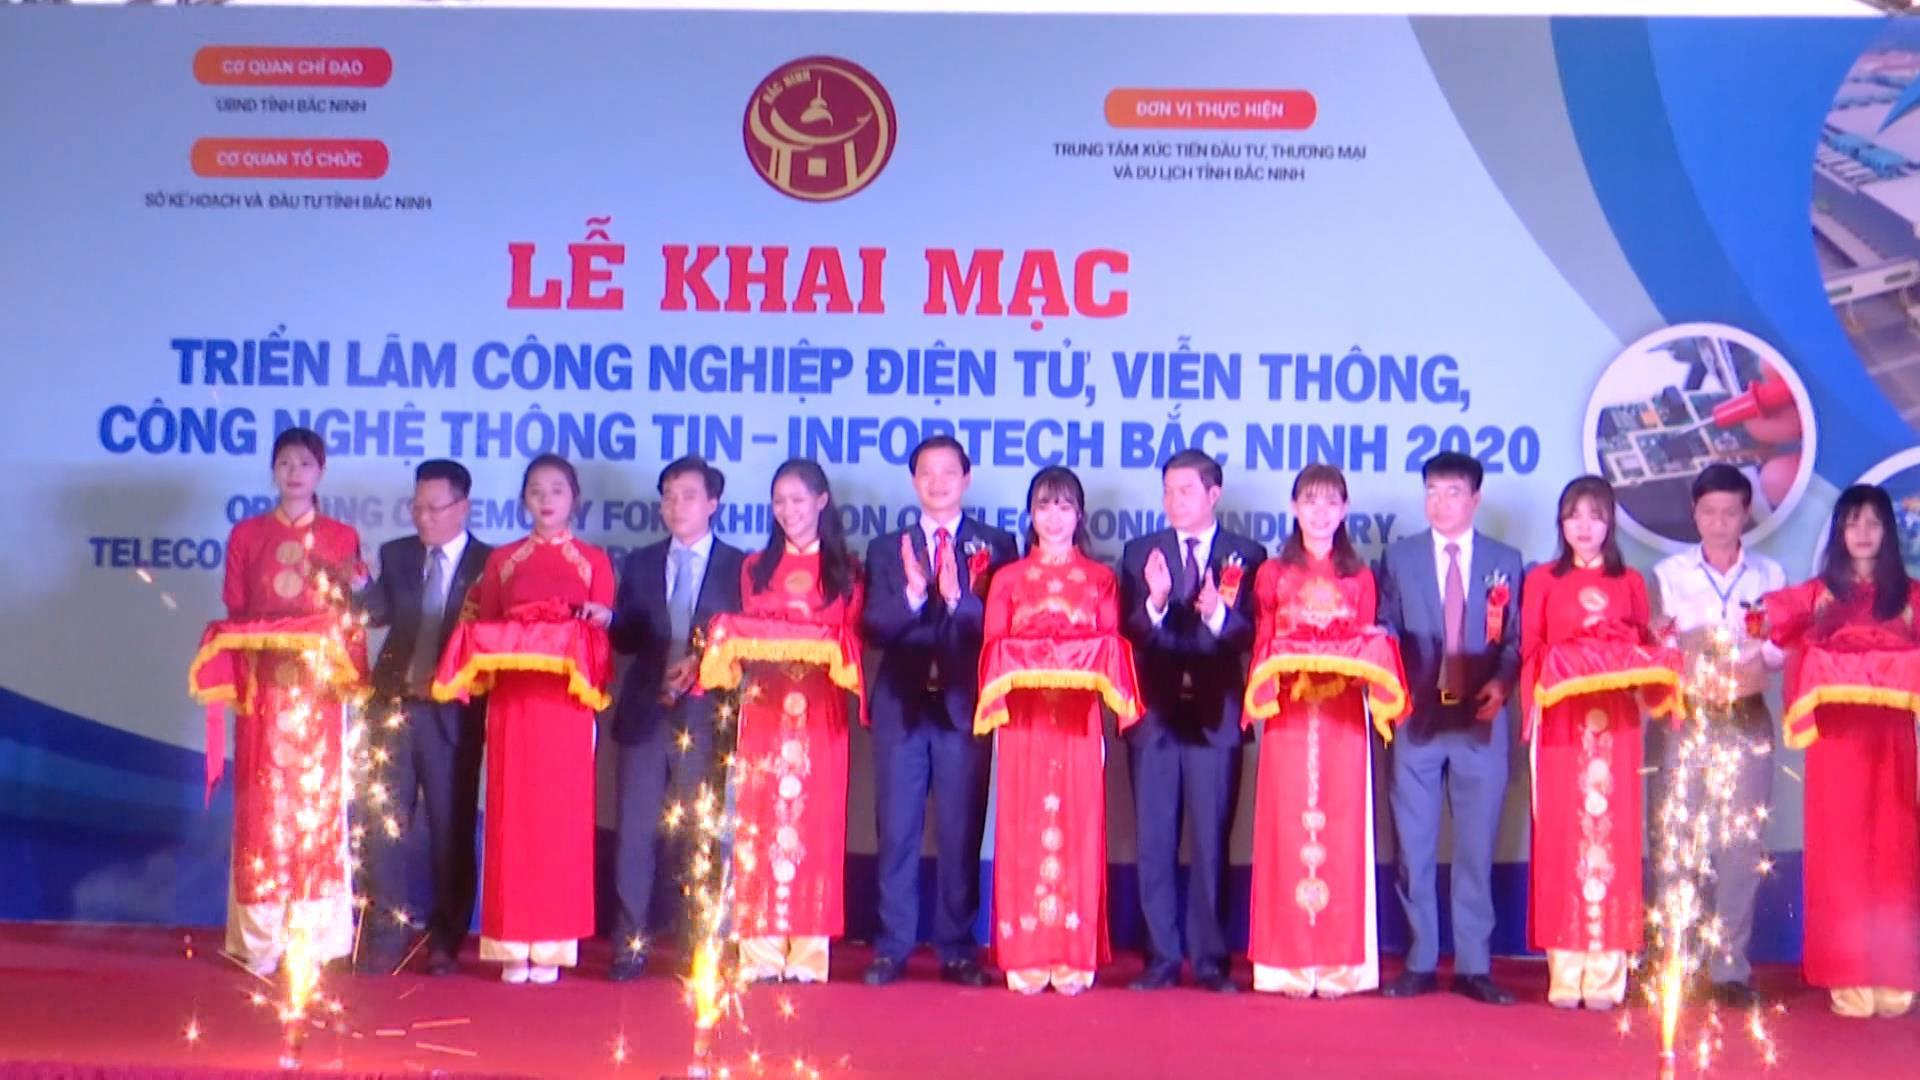 Khai mạc Triển lãm công nghiệp điện tử, viễn thông, công nghệ thông tin - Infortech Bắc Ninh 2020